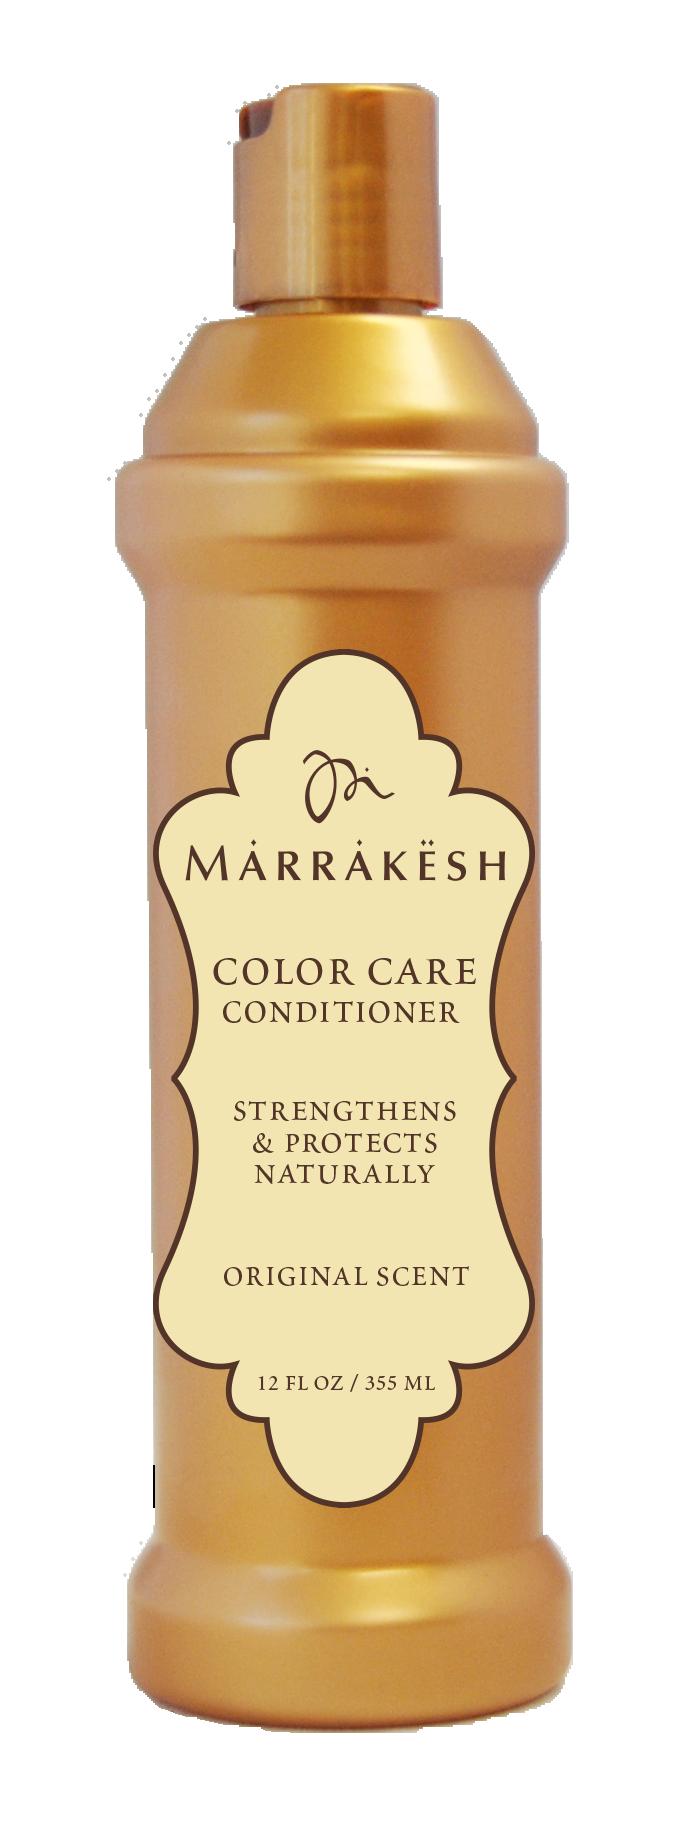 MARRAKESH Кондиционер для окрашенных волос / Marrakesh Color Care Conditioner Original 355 млКондиционеры<br>Кондиционер для окрашенных волос Marrakesh блокирует влагу внутри волоса, благодаря комбинации натуральных ингредиентов, специально разработанных для защиты цвета окрашенных волос. Подходит для ежедневного применения на окрашенных или осветленных волосах. Делает волосы мягкими, шелковистыми и блестящими. Способ применения: равномерно распределить небольшое количество кондиционера по всей длине чистых влажных волос. Оставить на 2-3 минуты. Смыть водой.<br><br>Объем: 355 мл<br>Типы волос: Окрашенные